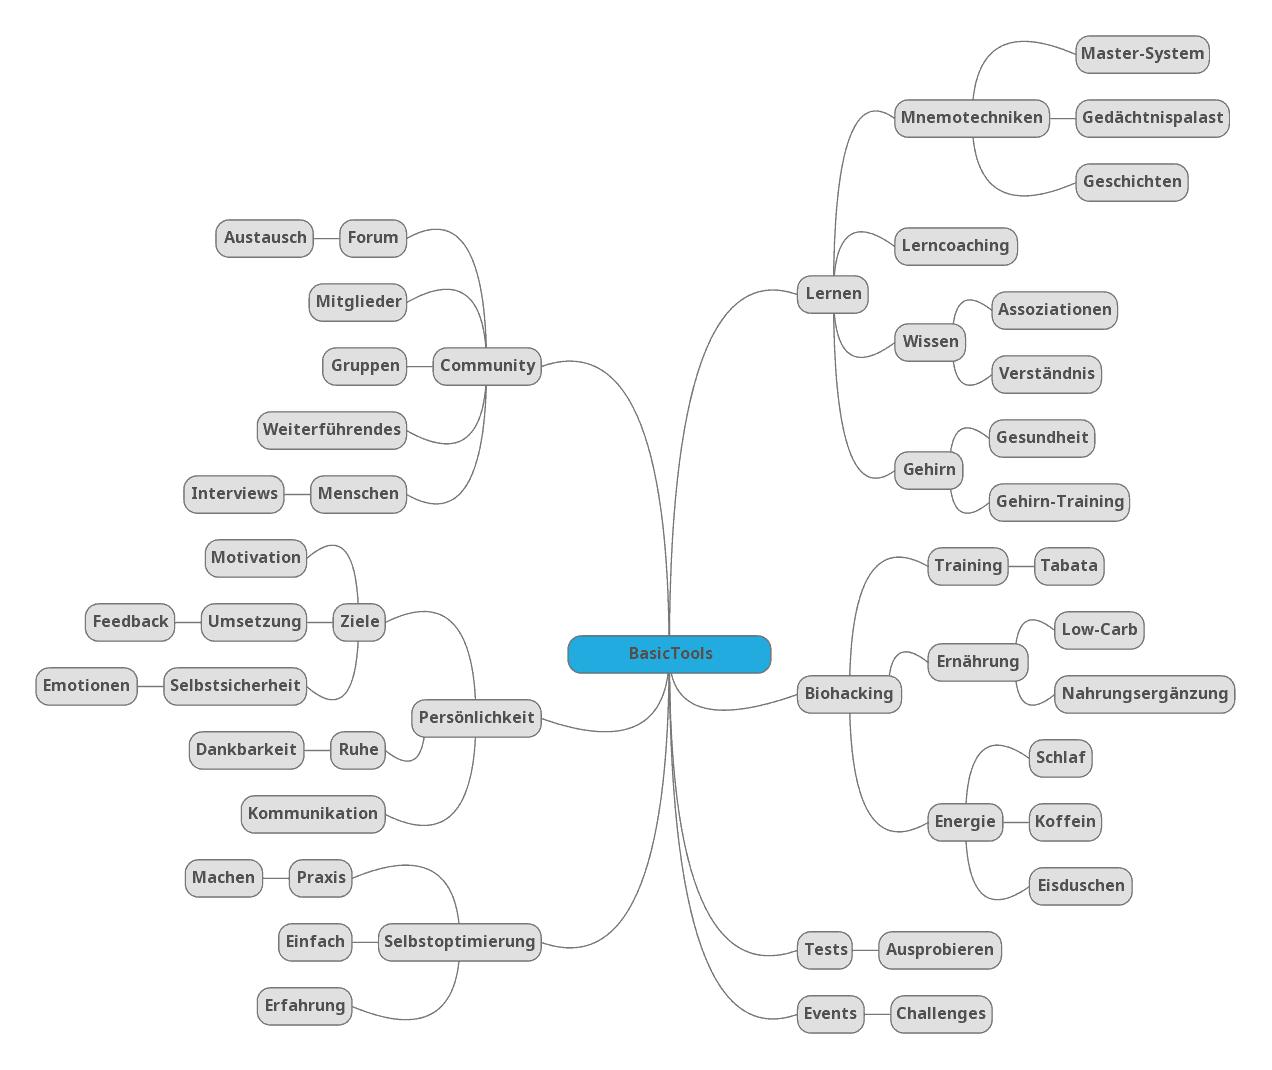 Mündliche Prüfung - Wissensnetz durch Mindmap aufbauen